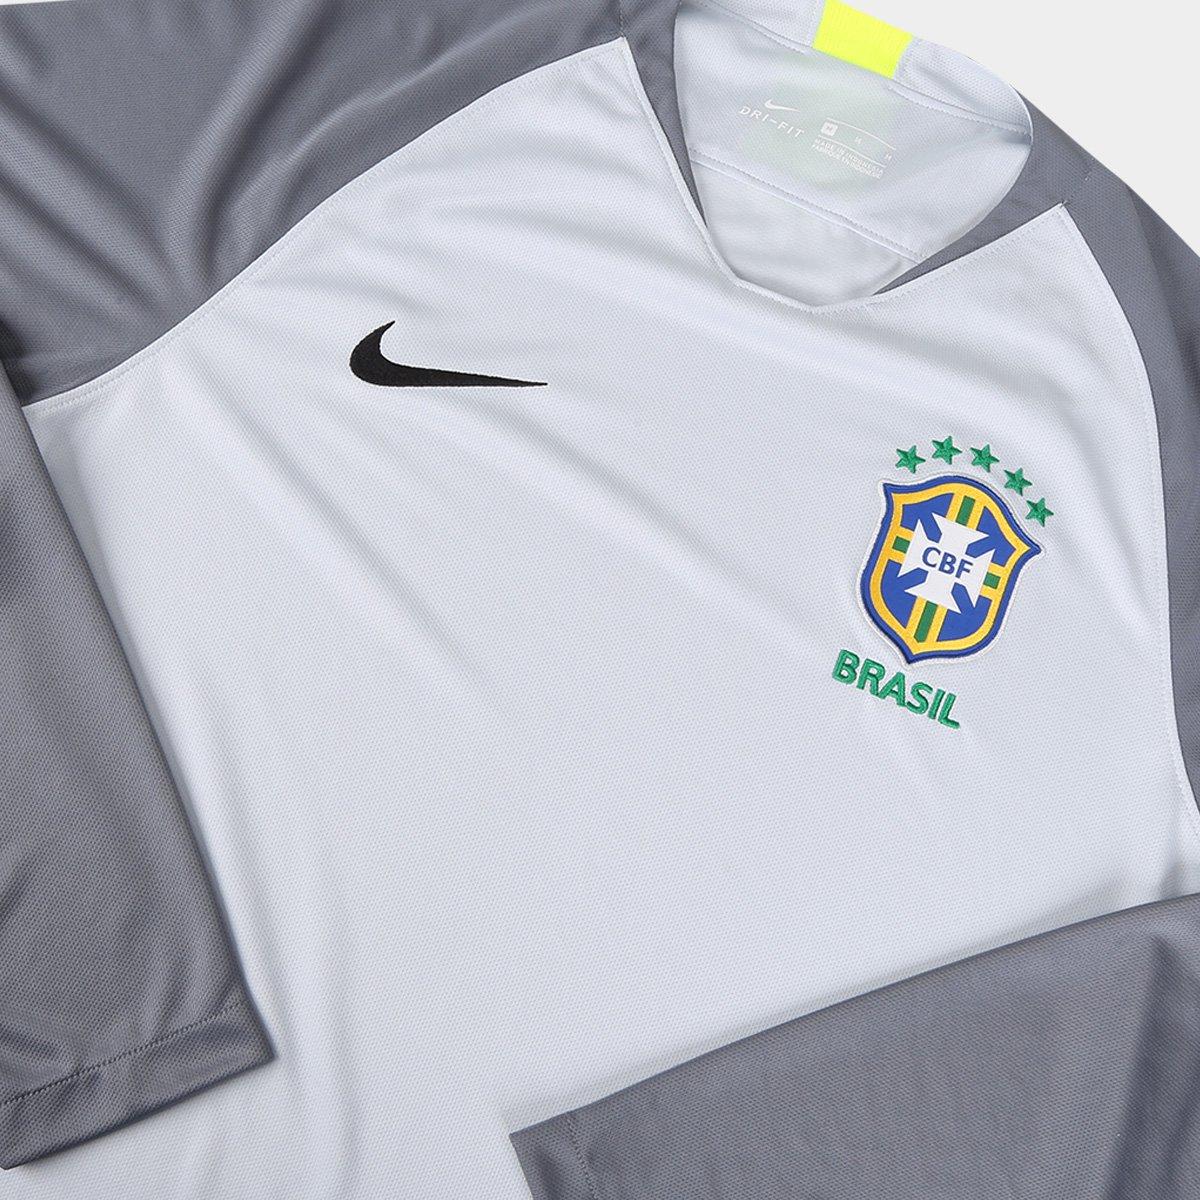 ... Camisa Seleção Brasil Goleiro 2018 nº 23 Ederson M. - Torcedor Nike  Masculina 7b8b0a9705e70